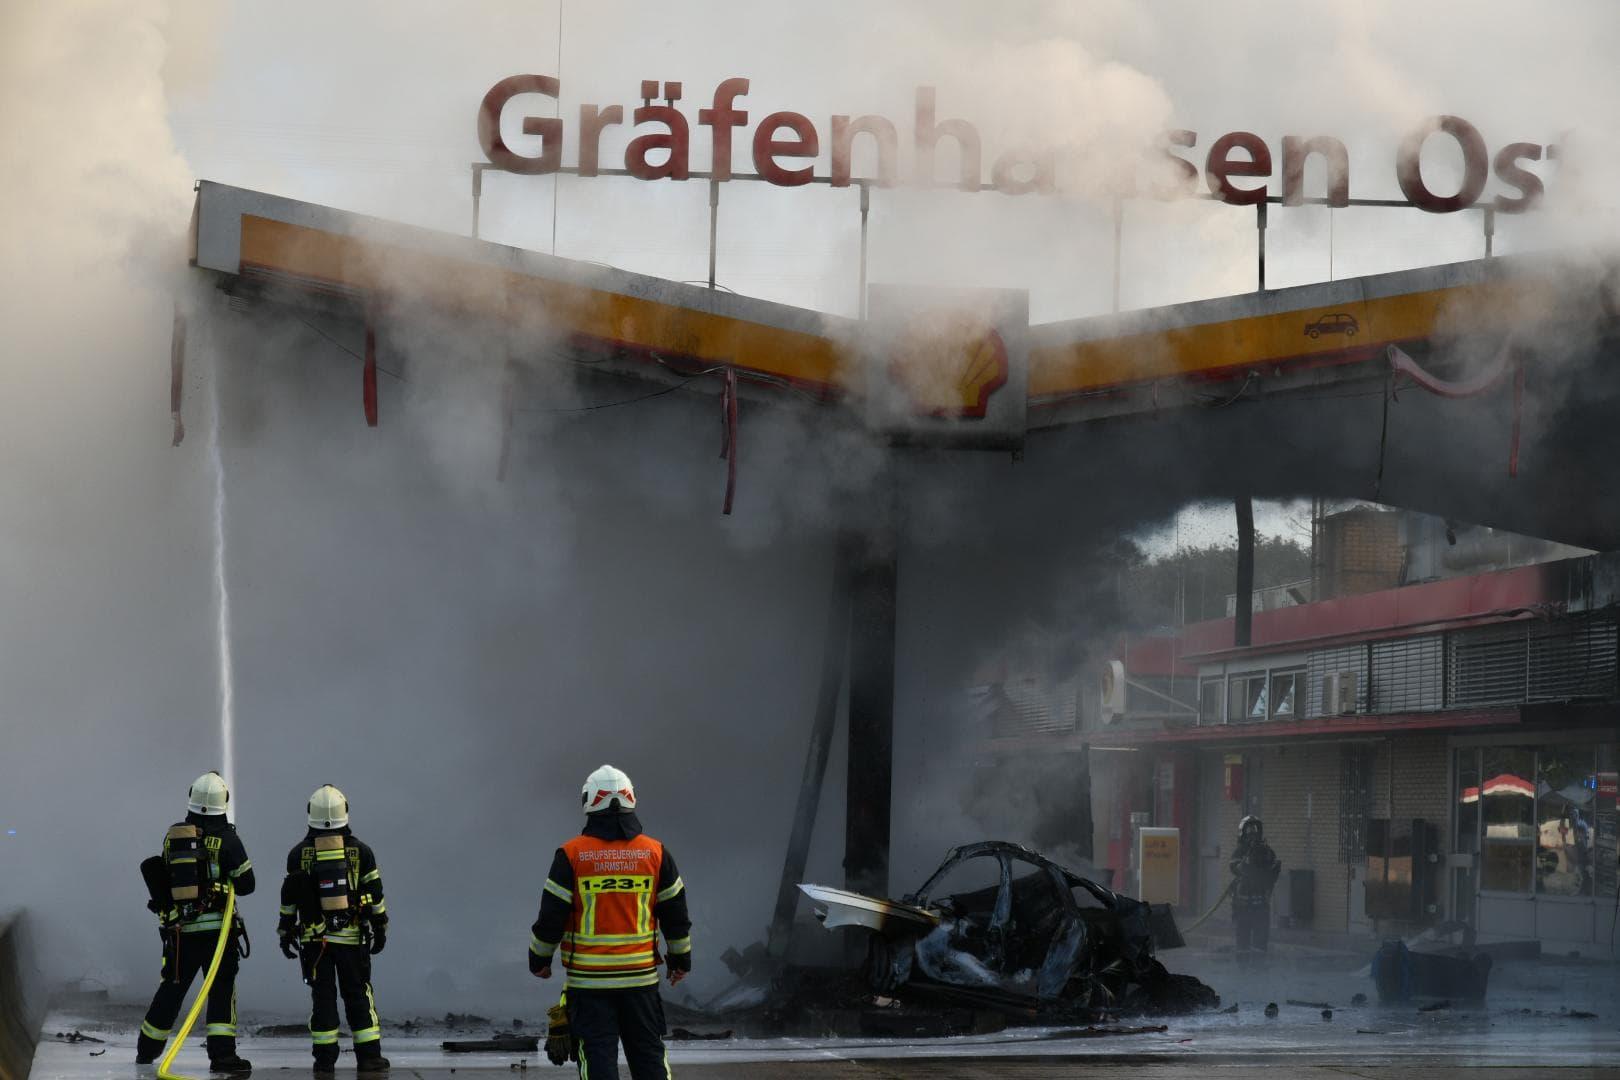 Drama an der A5: Wagen rast in Autobahn-Tankstelle Unfall